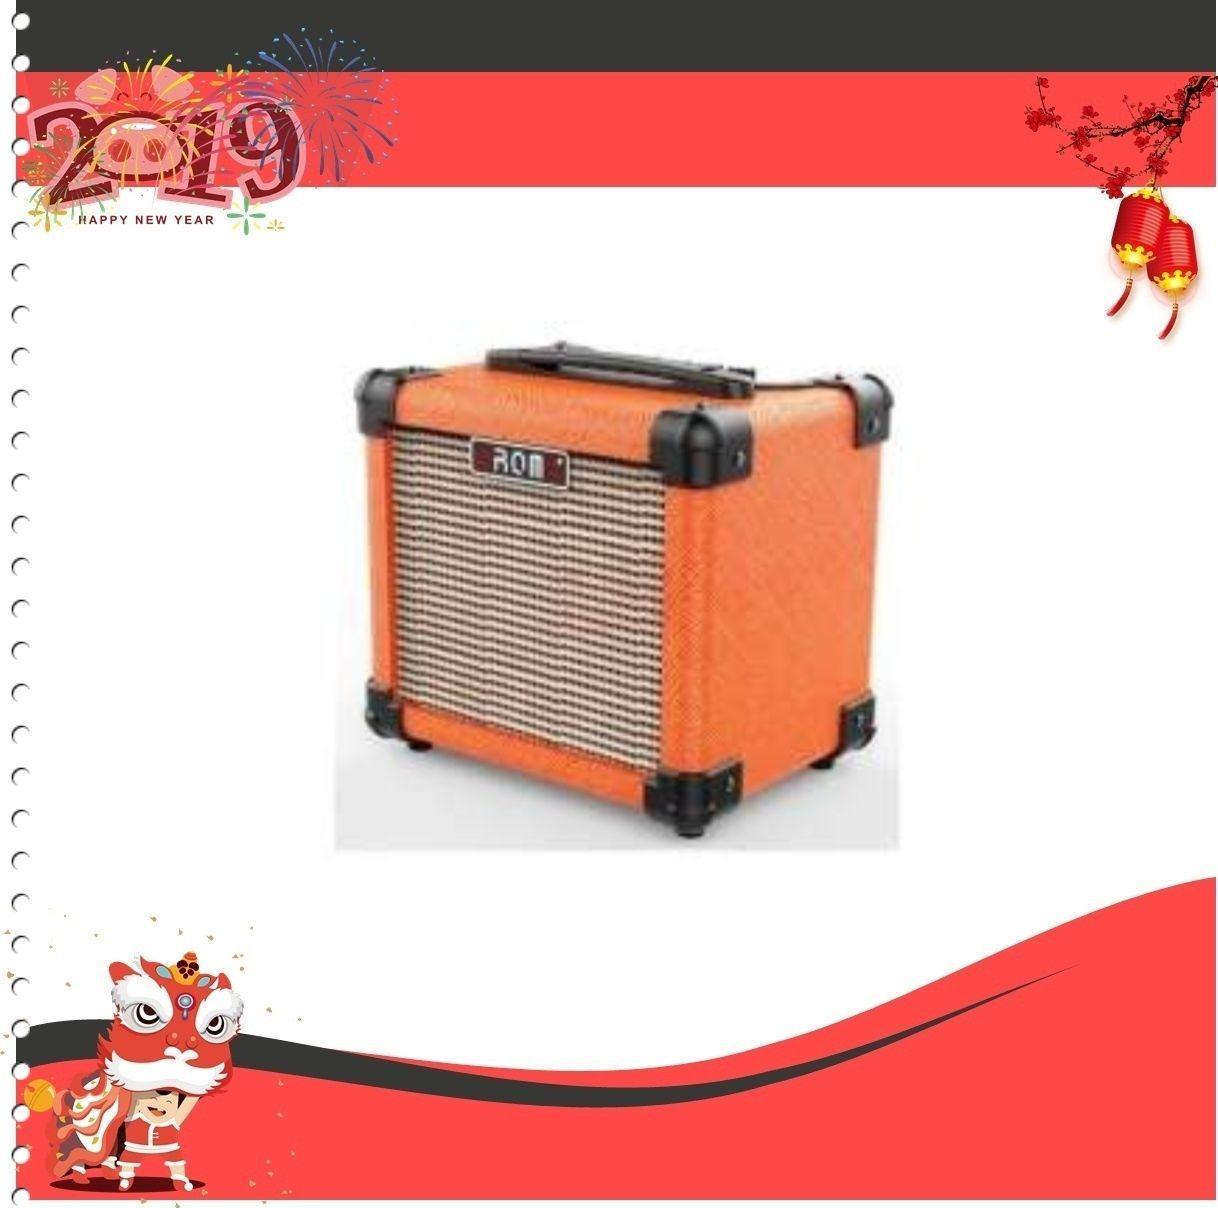 Amply Aroma AG-10 Đang Ưu Đãi Giá